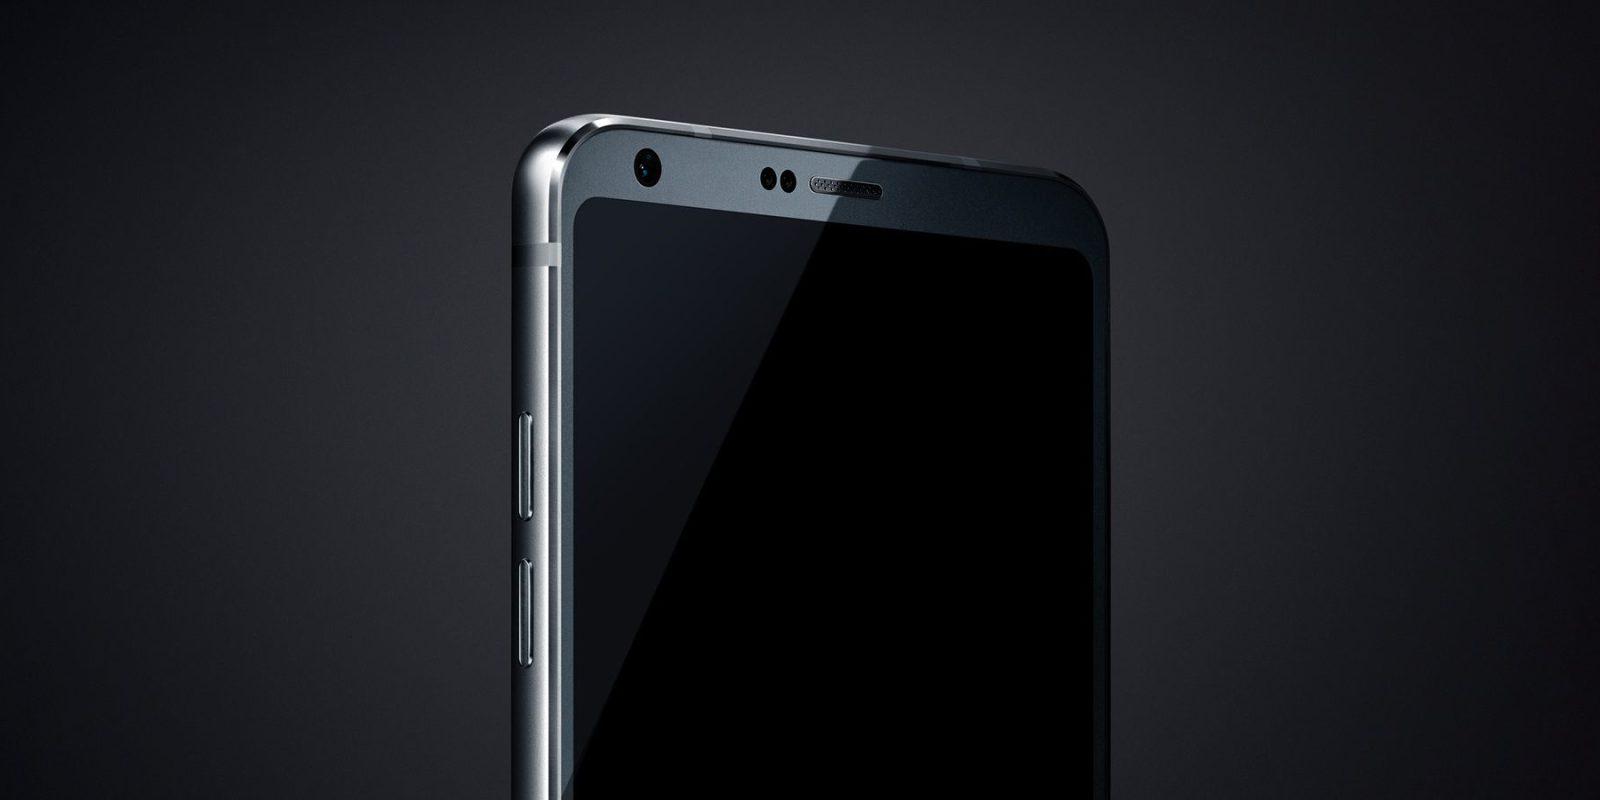 LG G6 : l'évolution de son prix de vente entre avril et décembre 2017